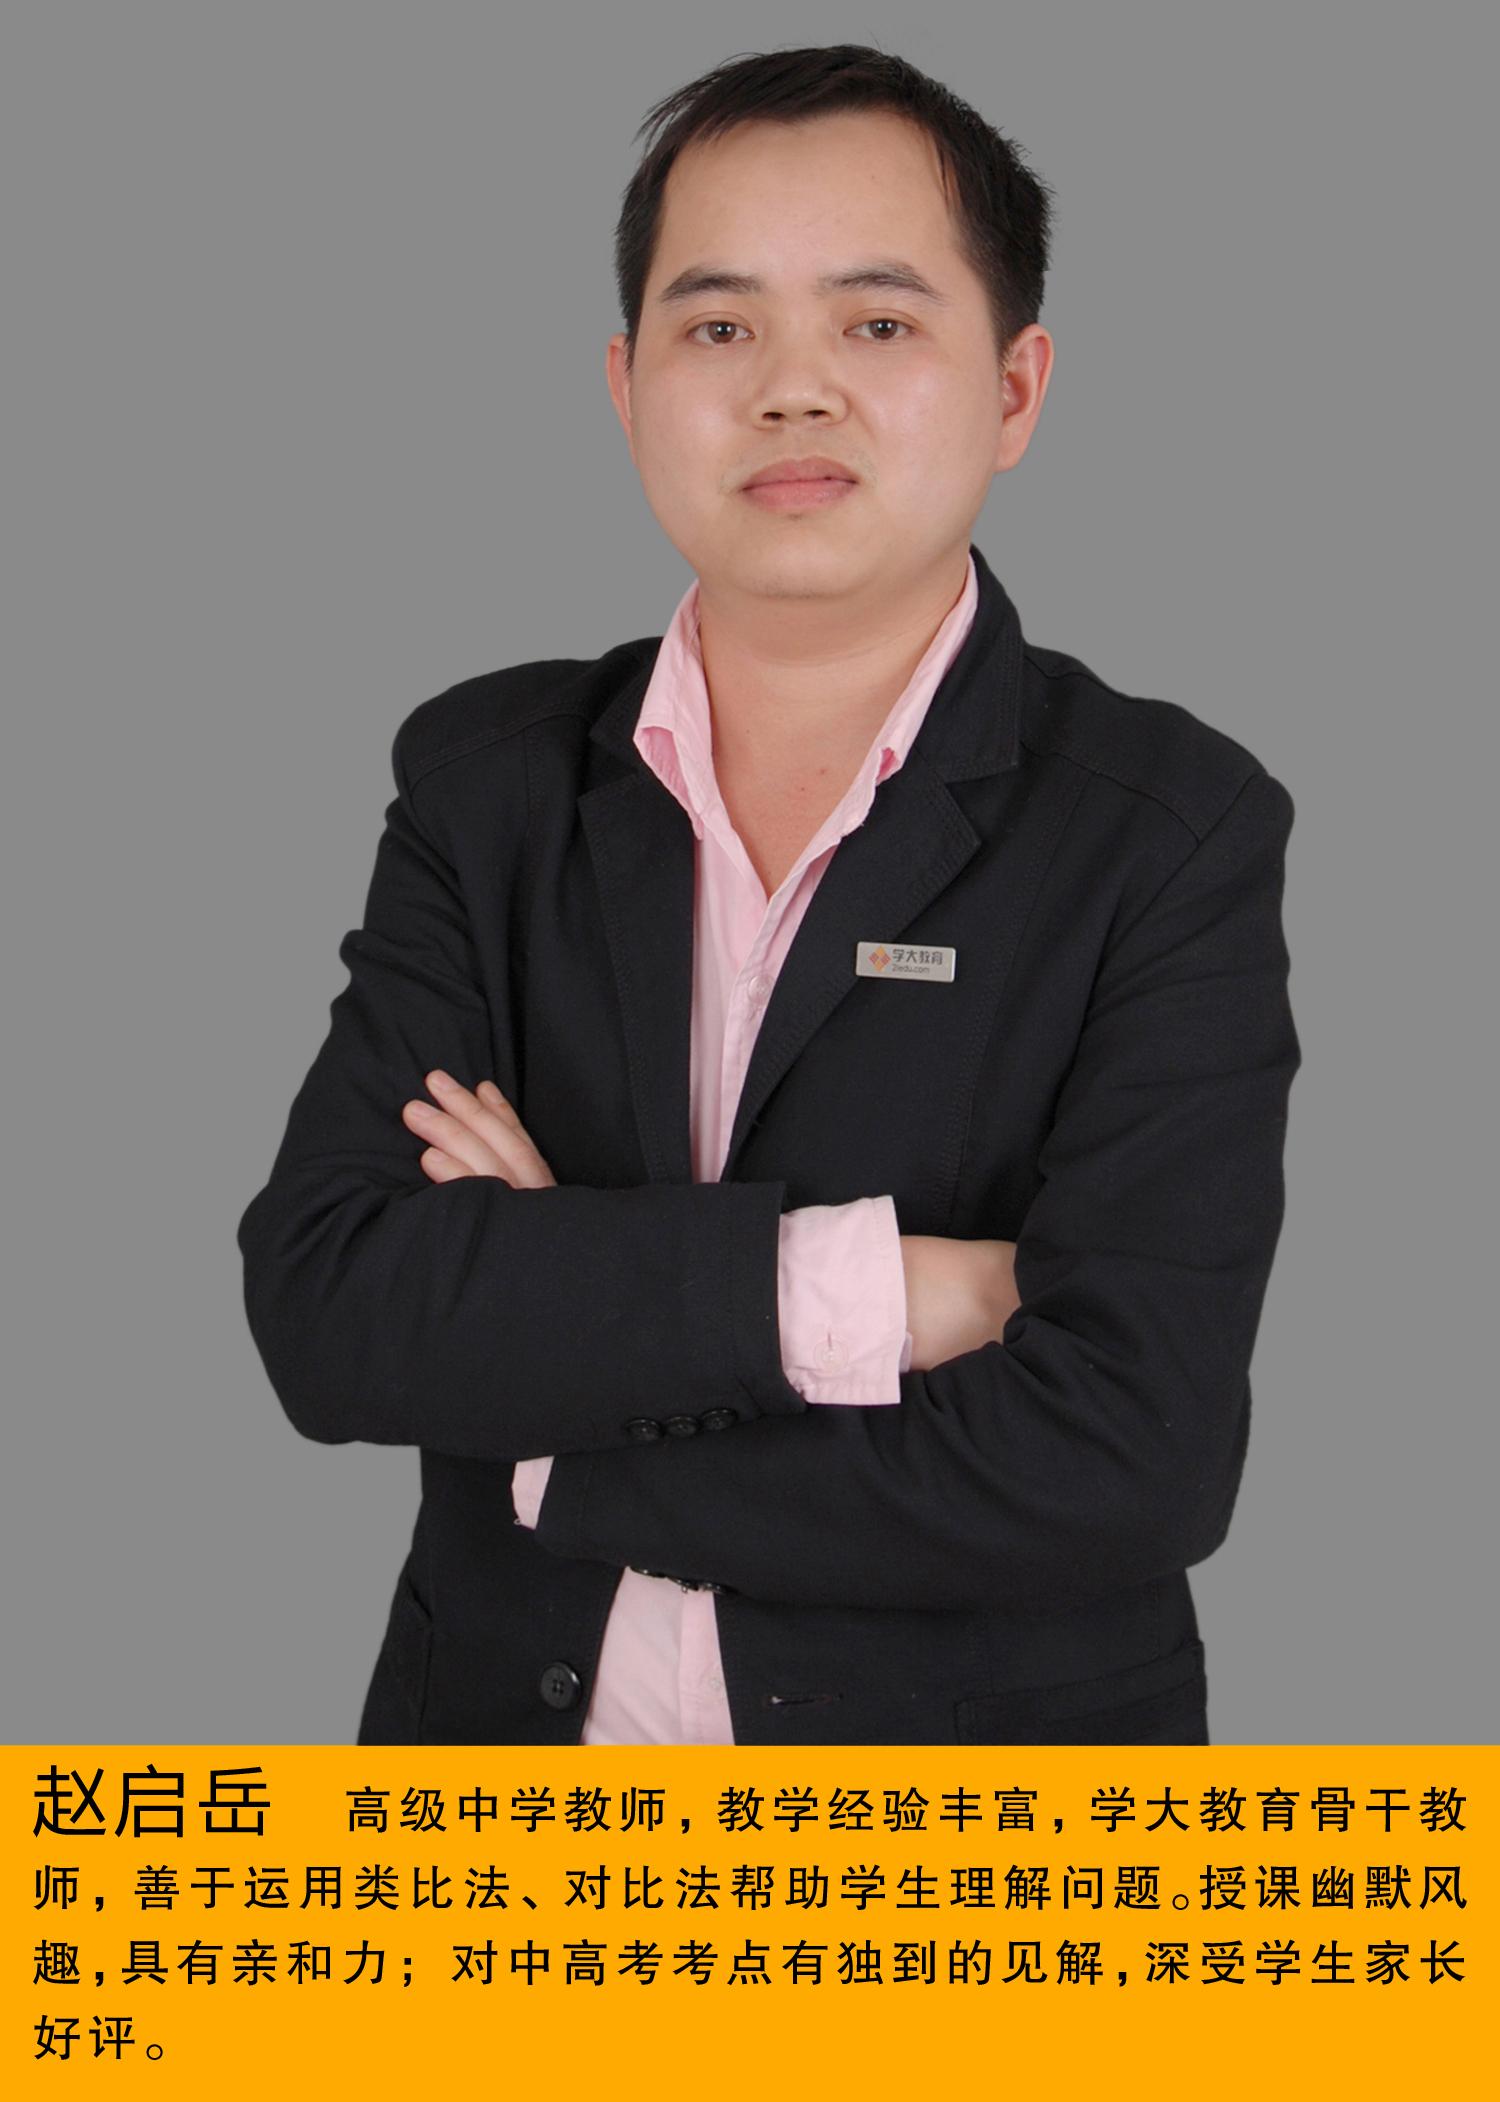 佛山家教赵启岳老师